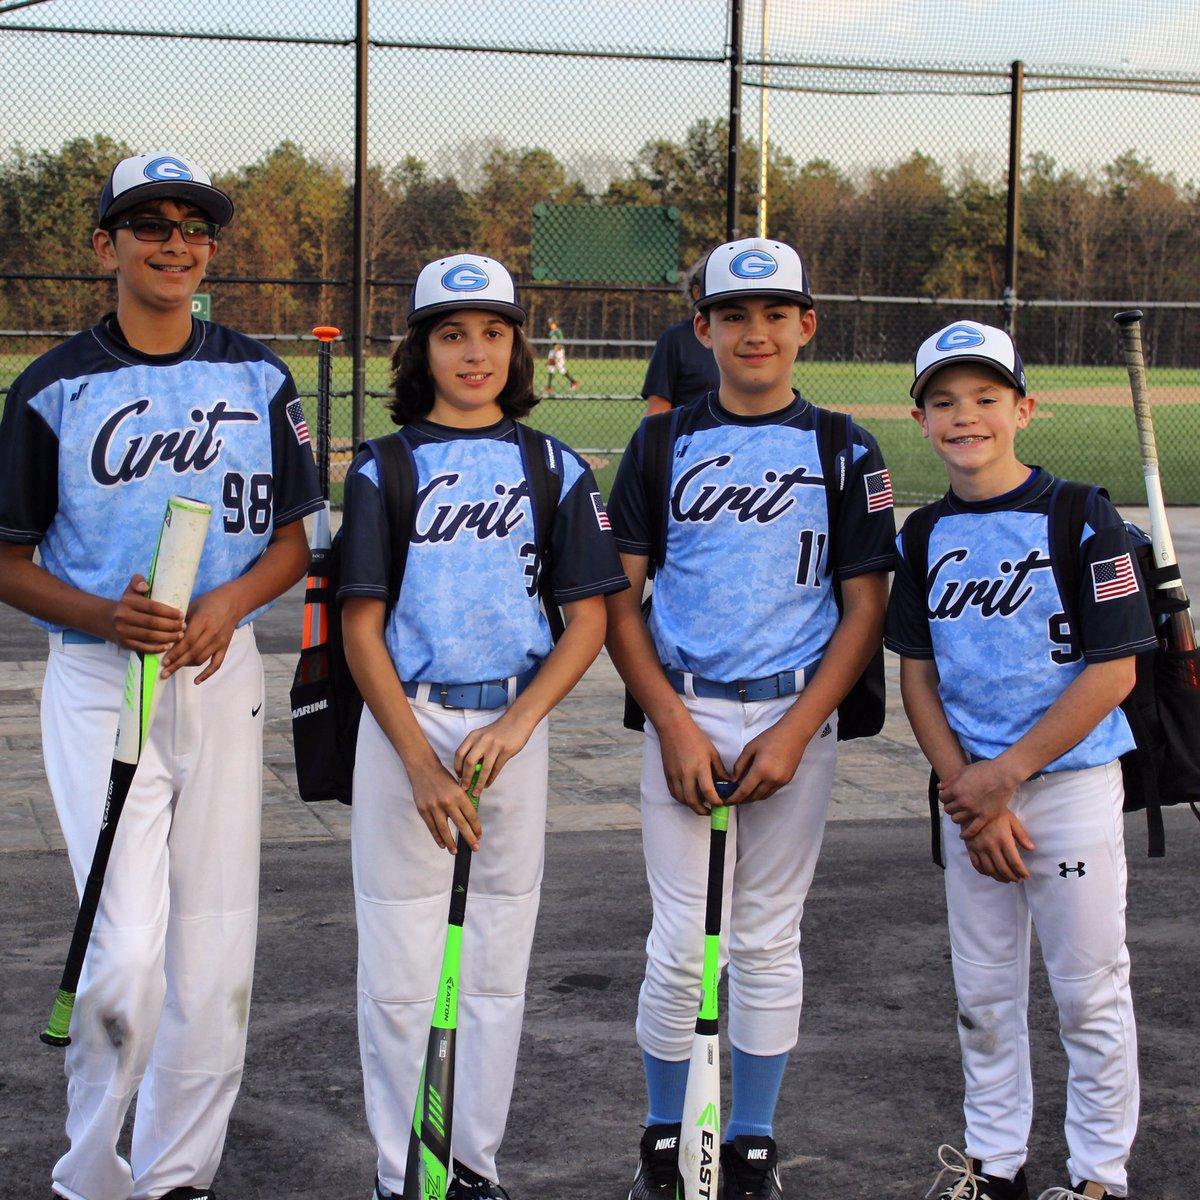 Grit baseball